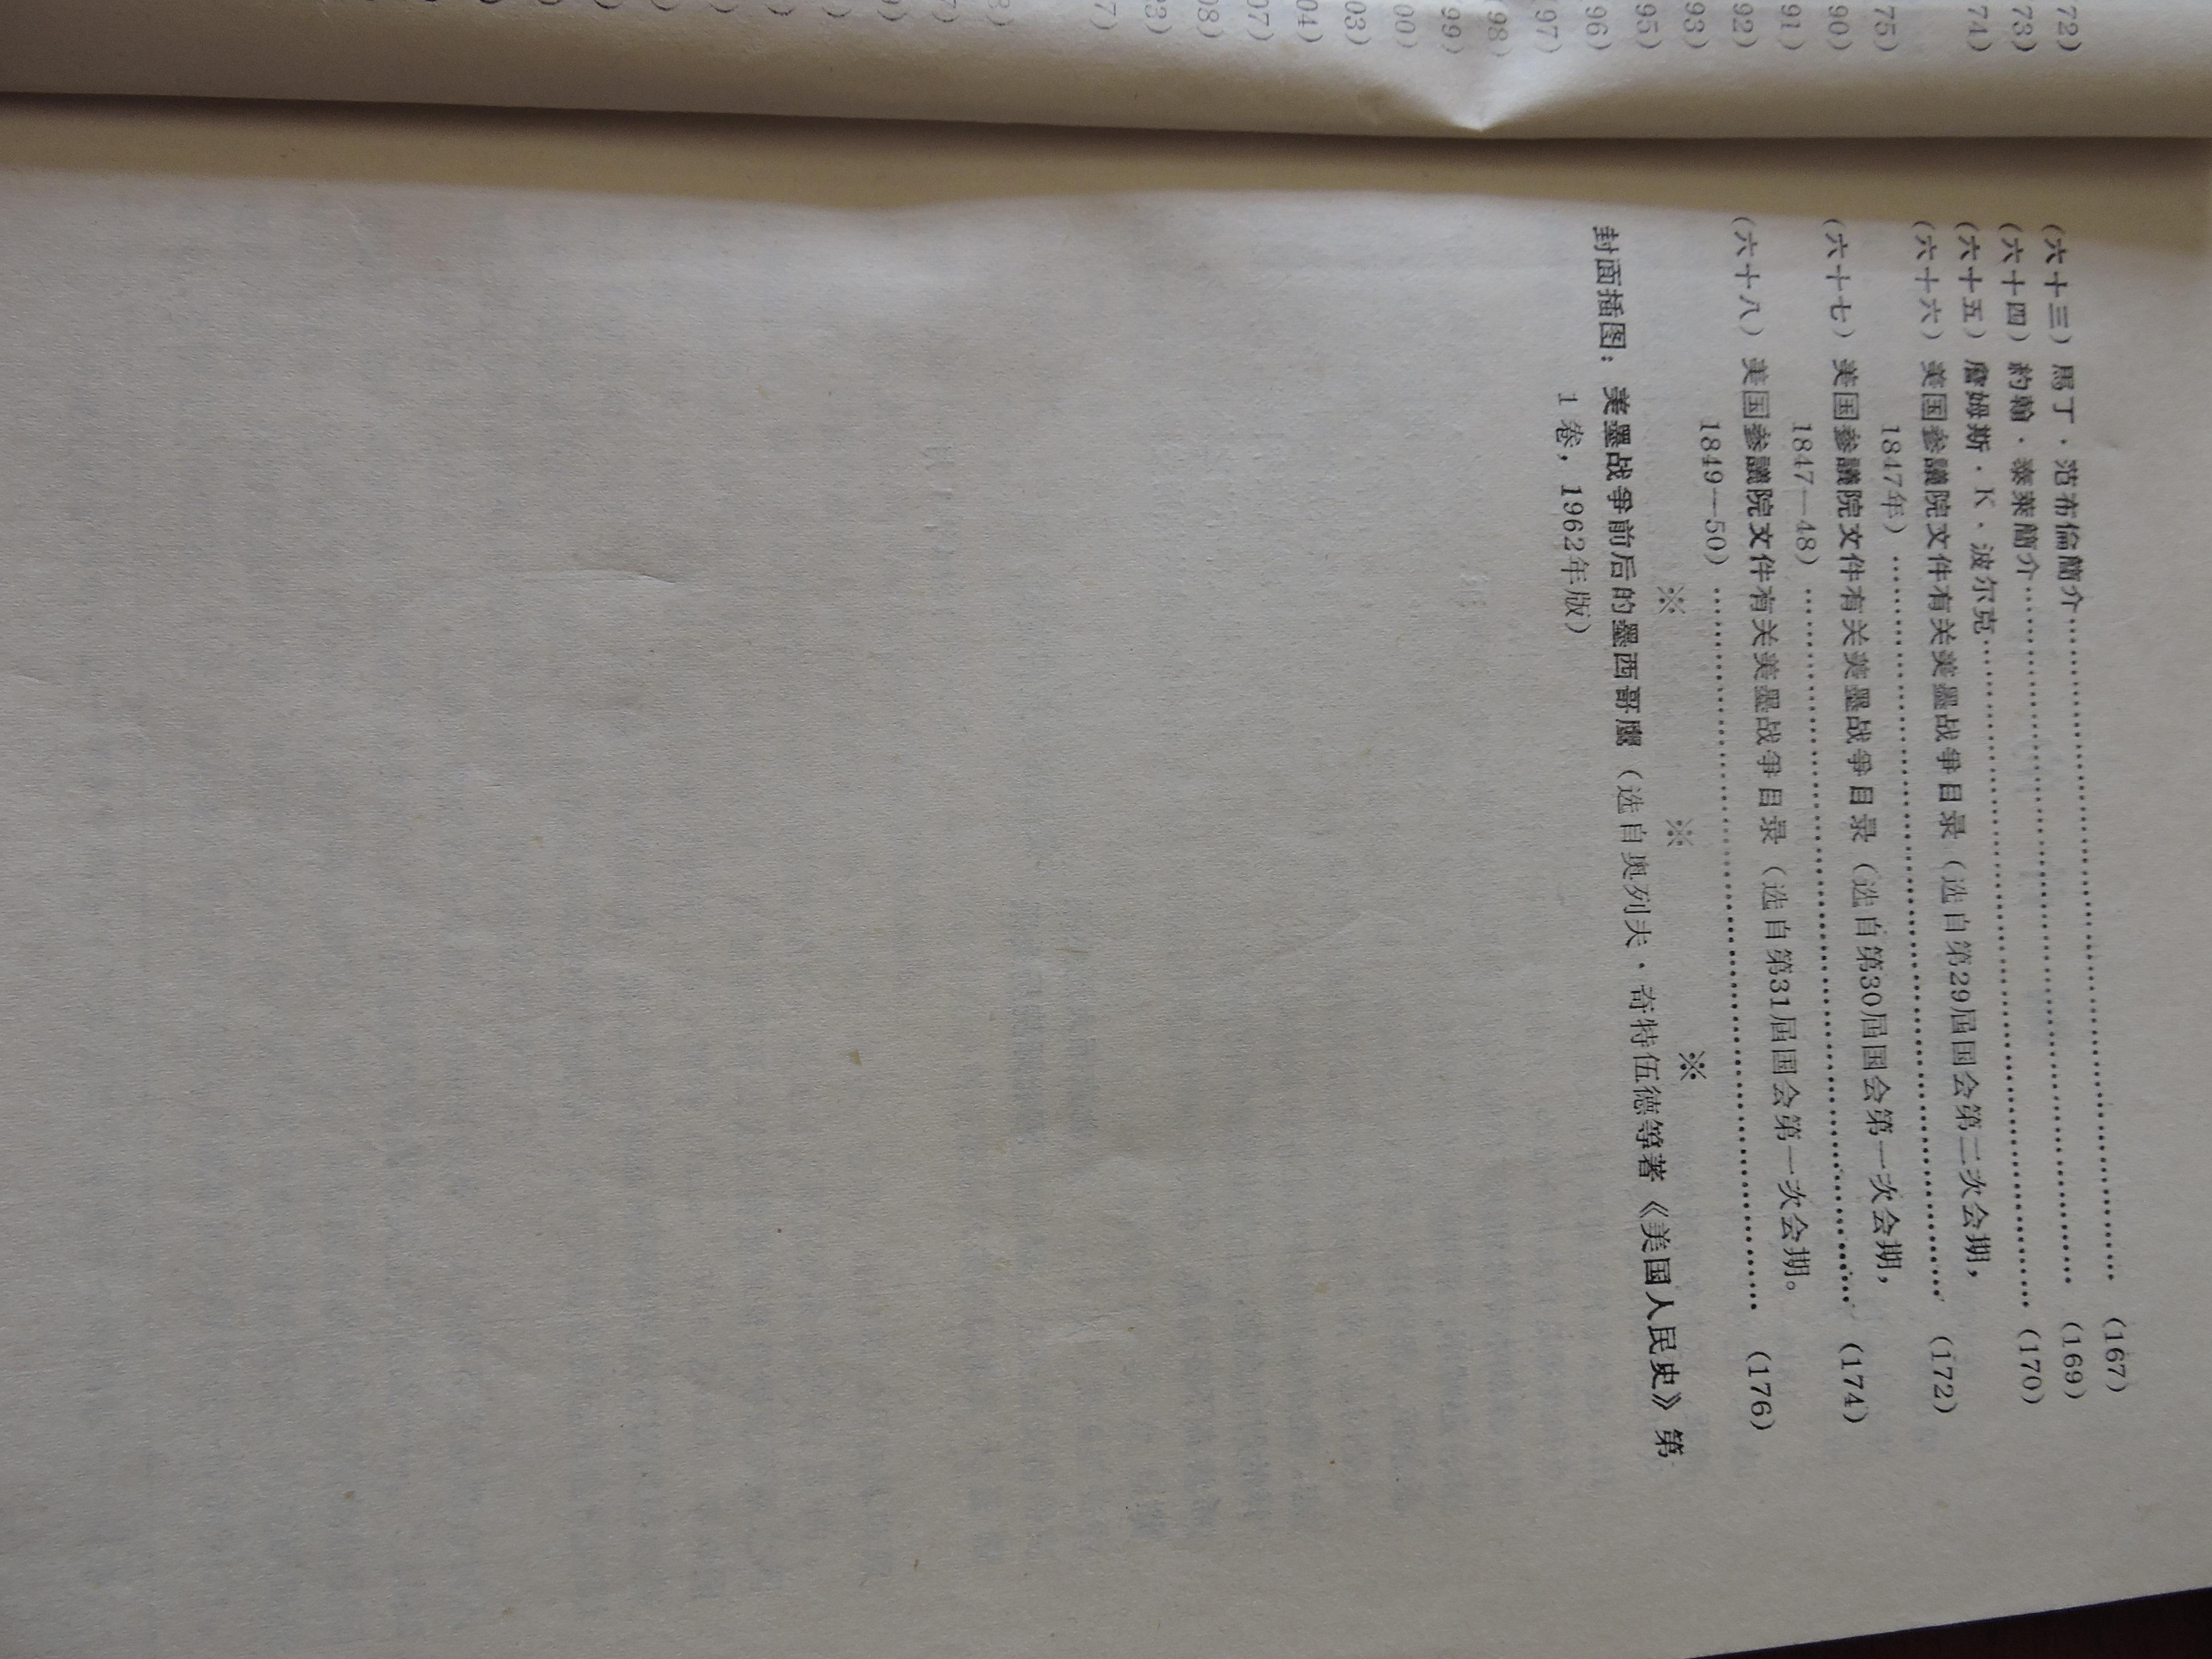 DSCN7878.JPG